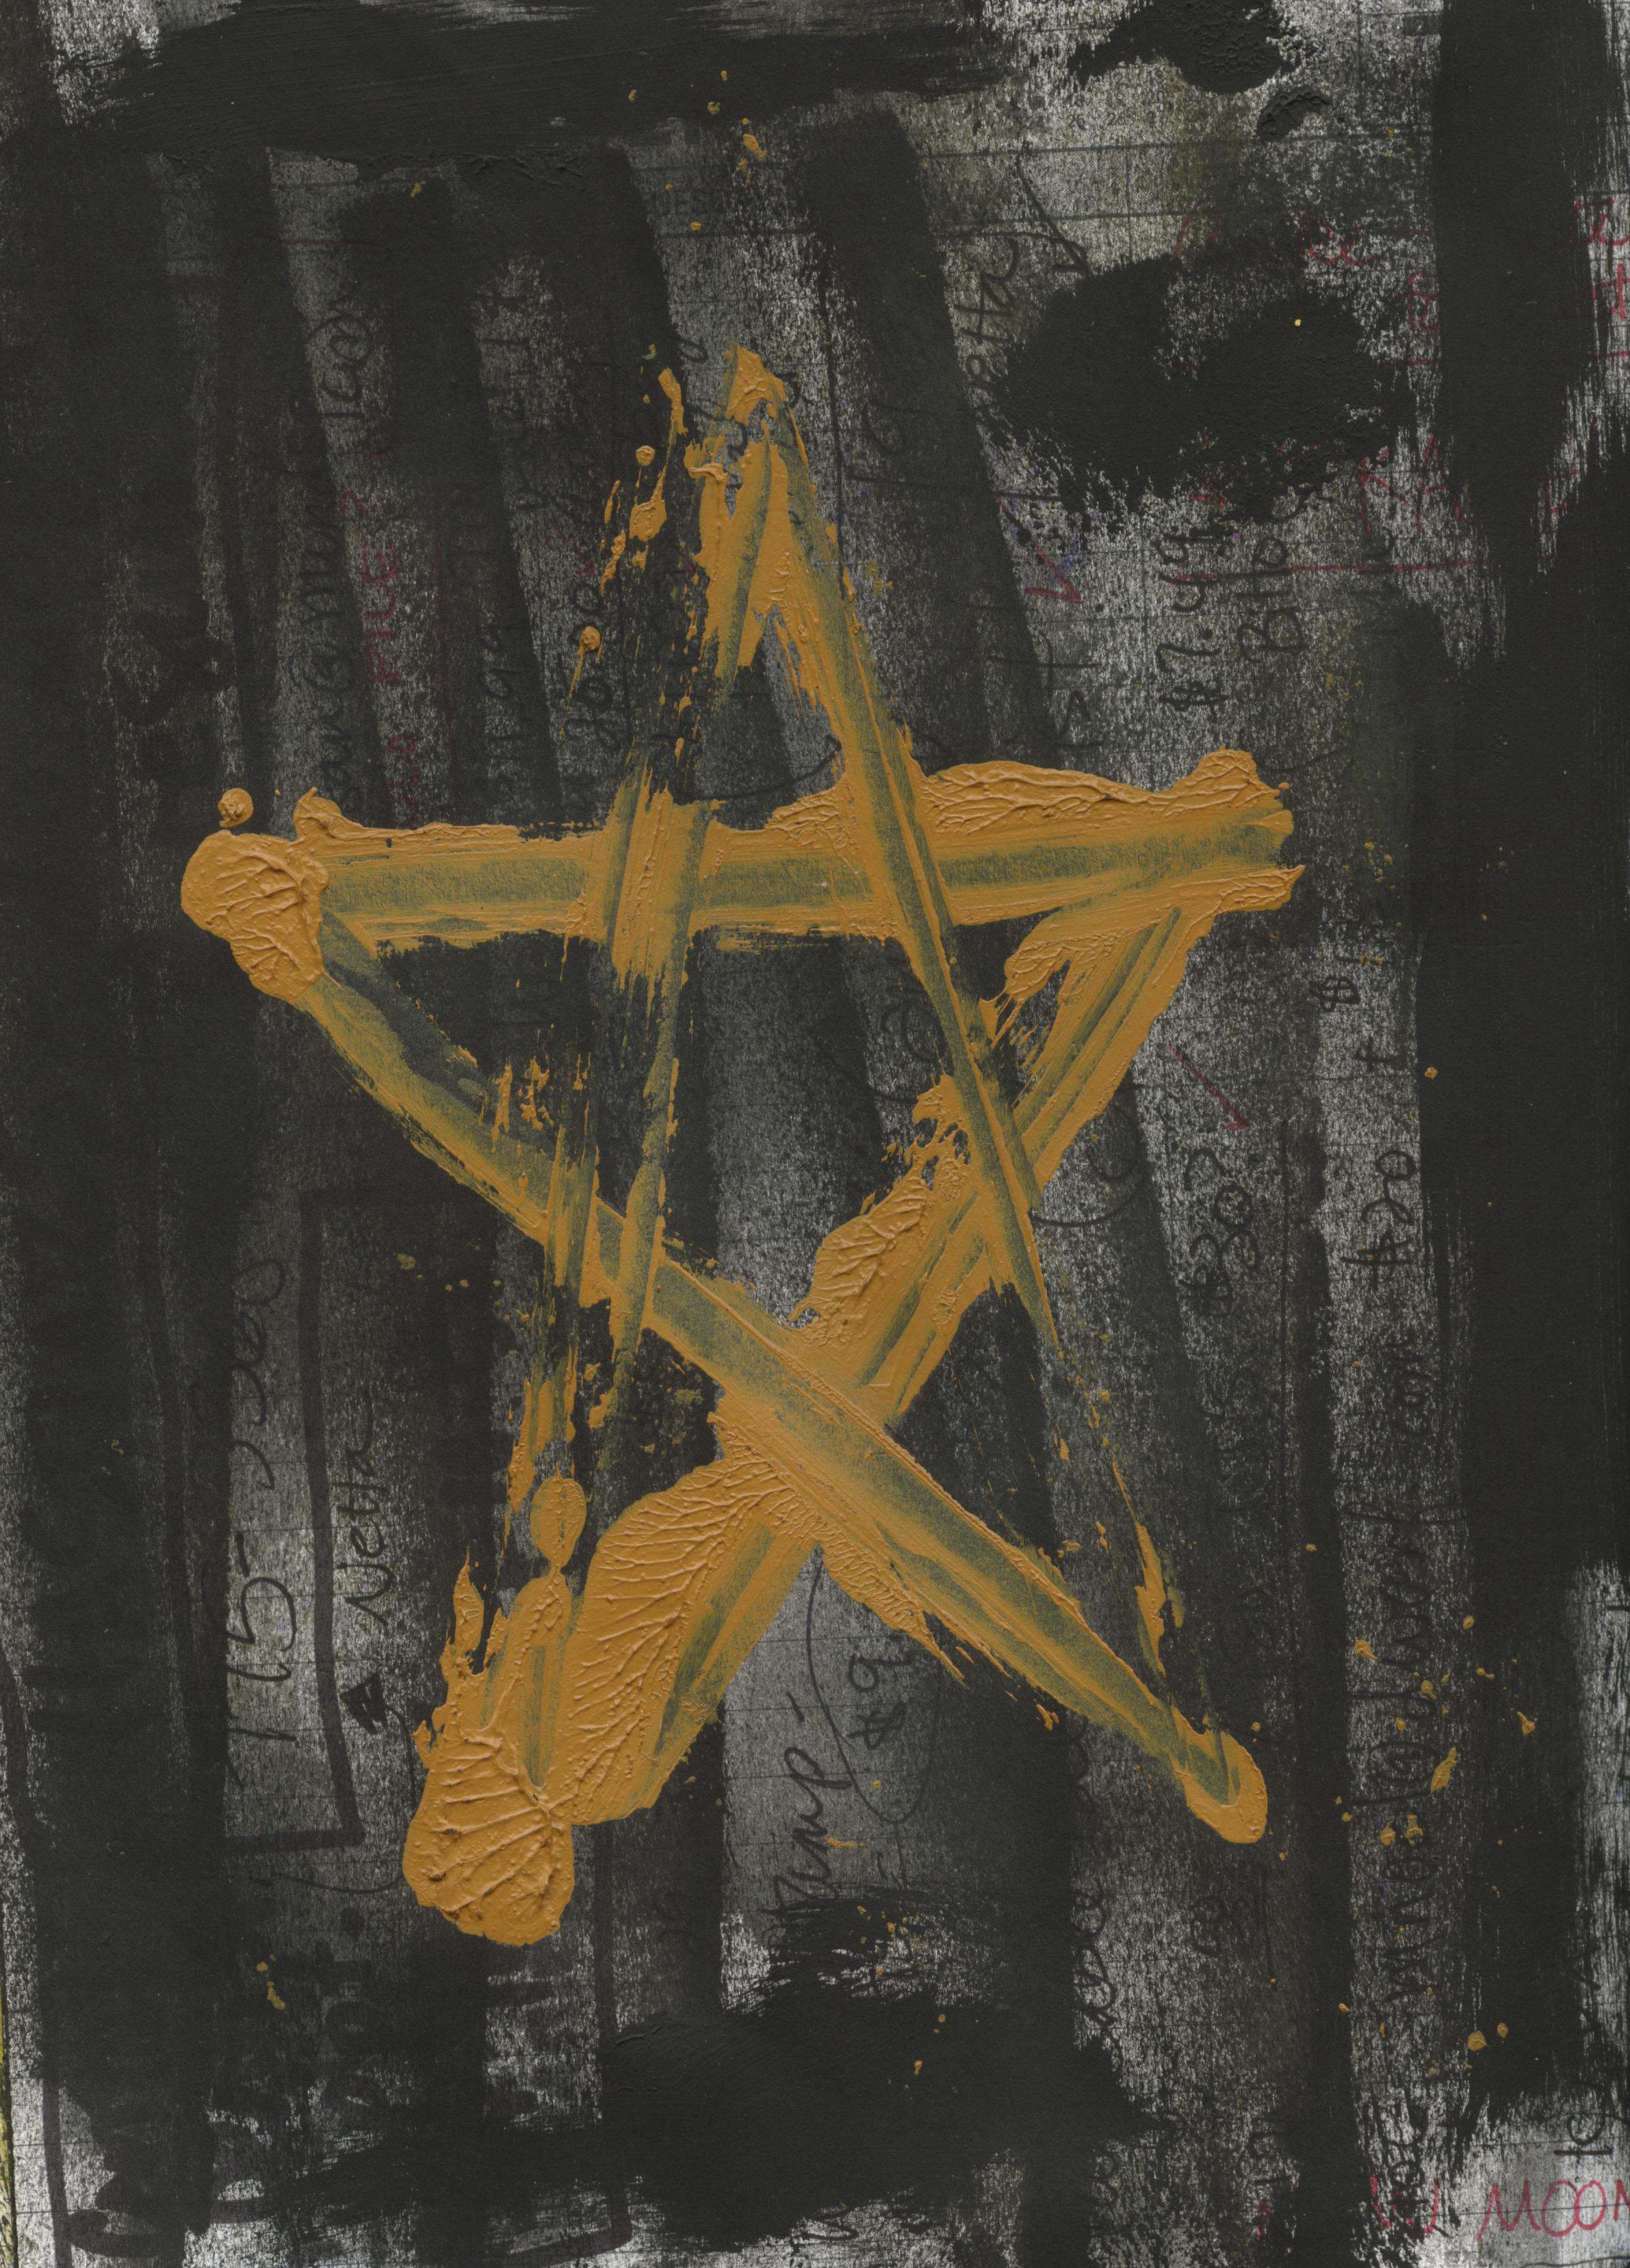 Vandals use satanic symbols to deface catholic church women of grace vandals use satanic symbols to deface catholic church buycottarizona